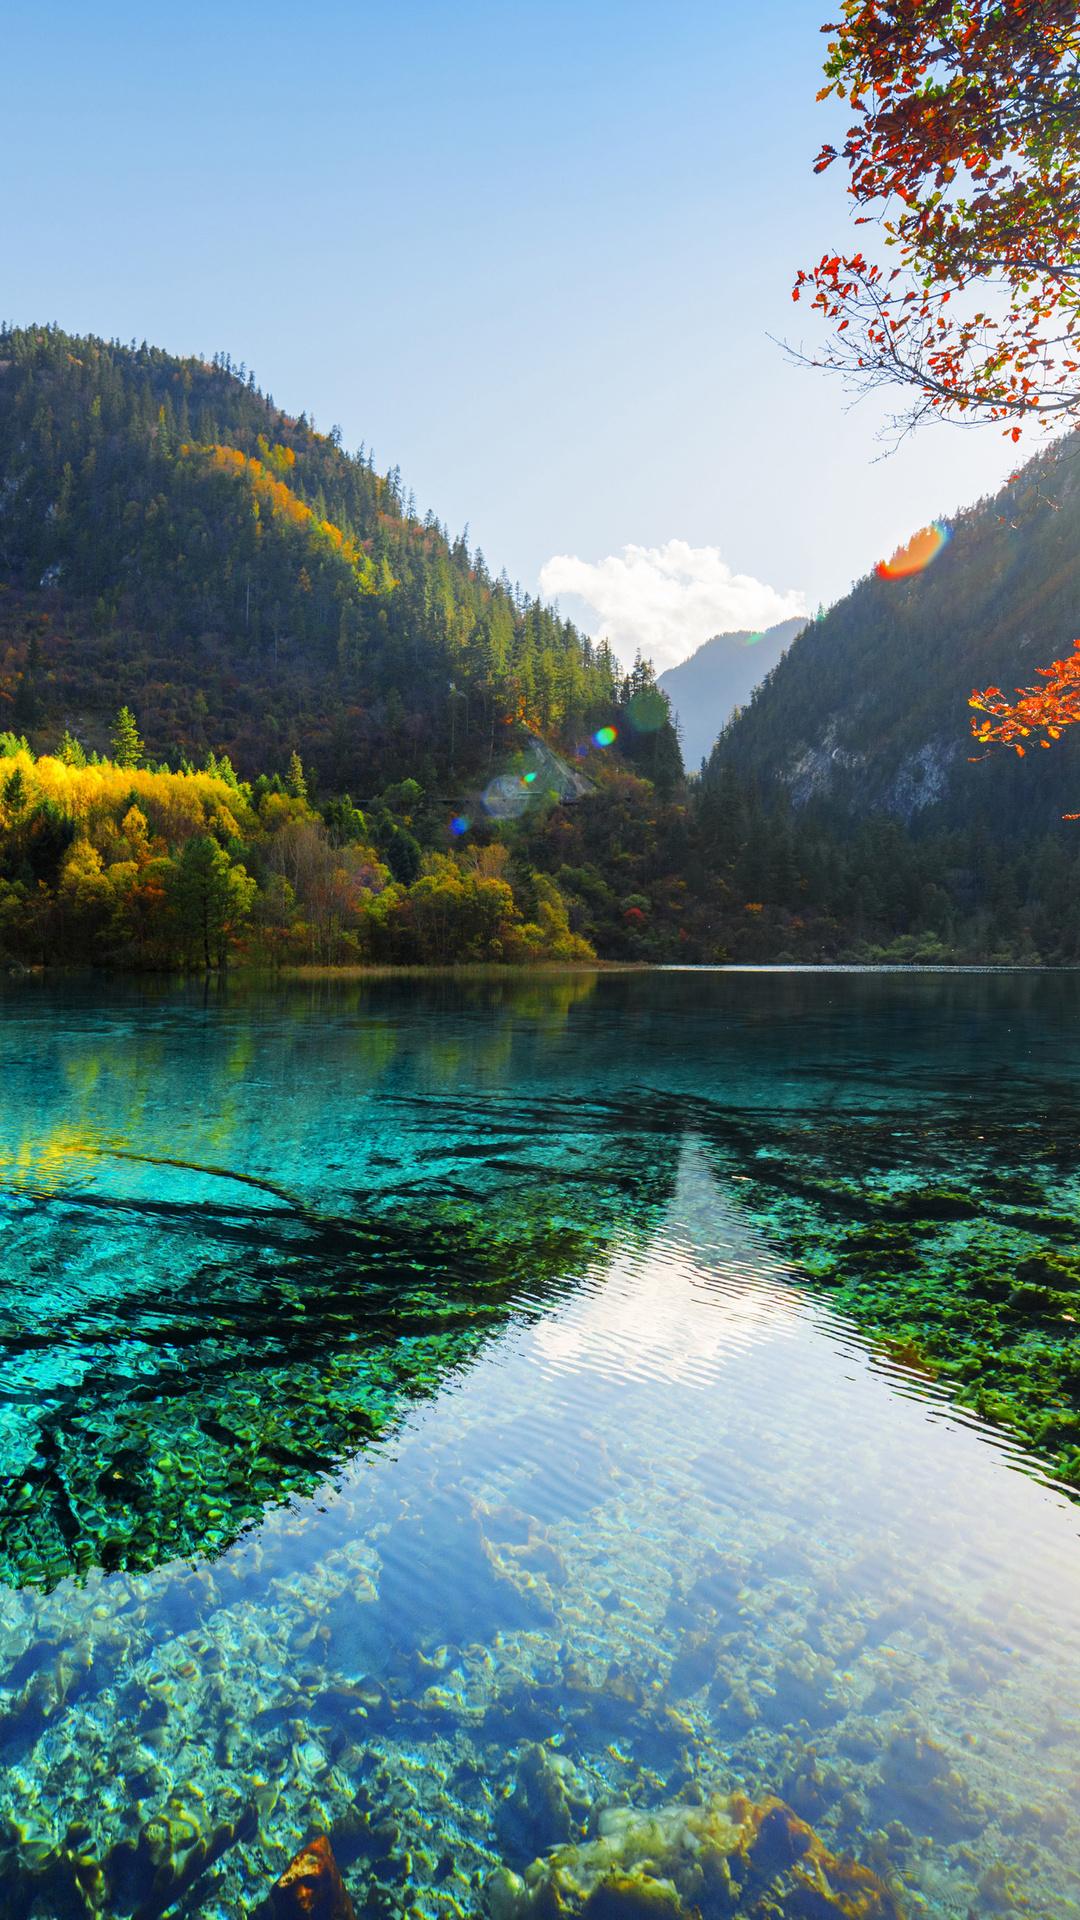 1080x1920 lake ultra hd 4k iphone 76s6 plus pixel xl